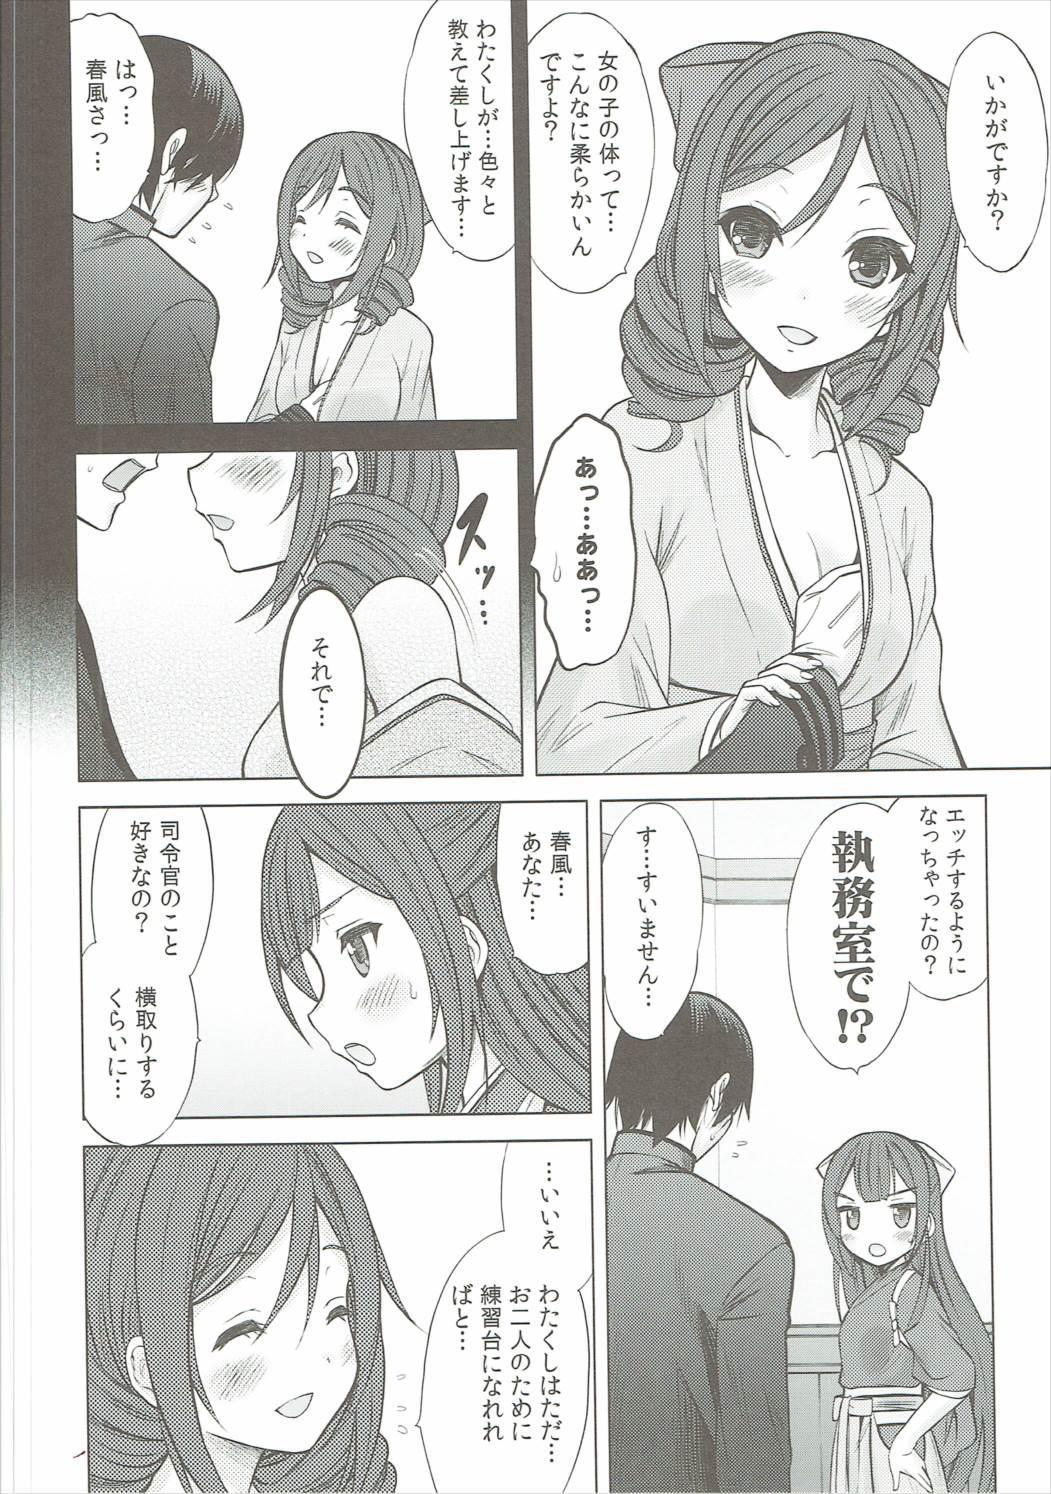 Kamikaze-gata Koufukuron 10